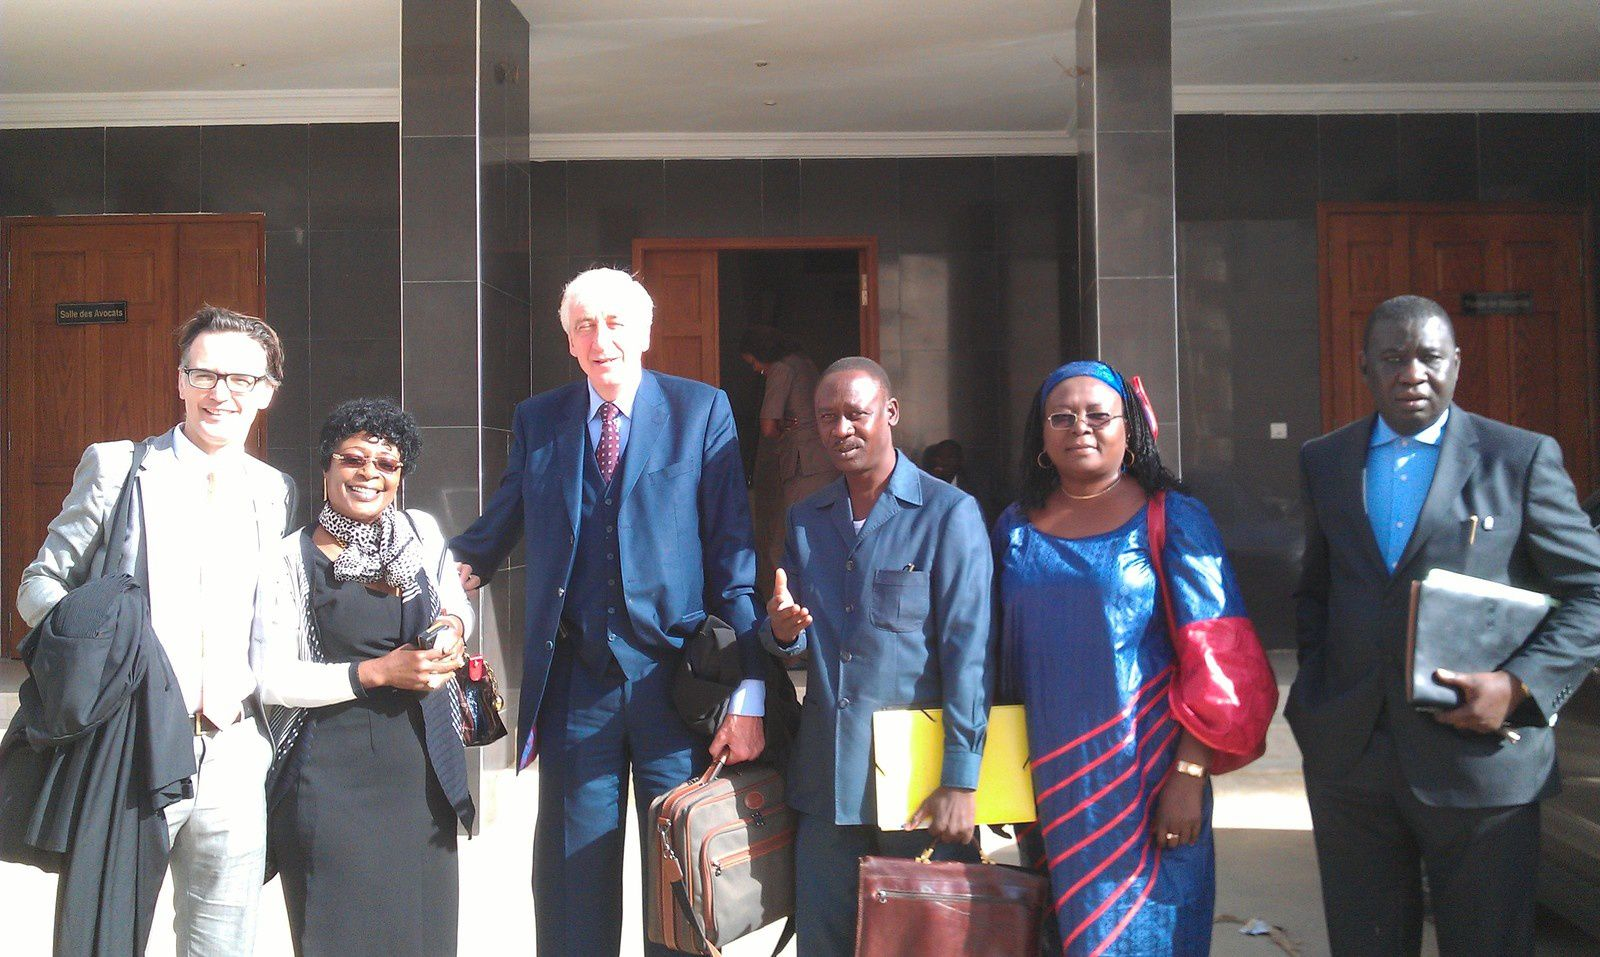 Le procès de Hissène Habré sera un avertissement envoyé à tous les puissants et gouvernants d'Afrique, y compris à Idriss Déby Itno